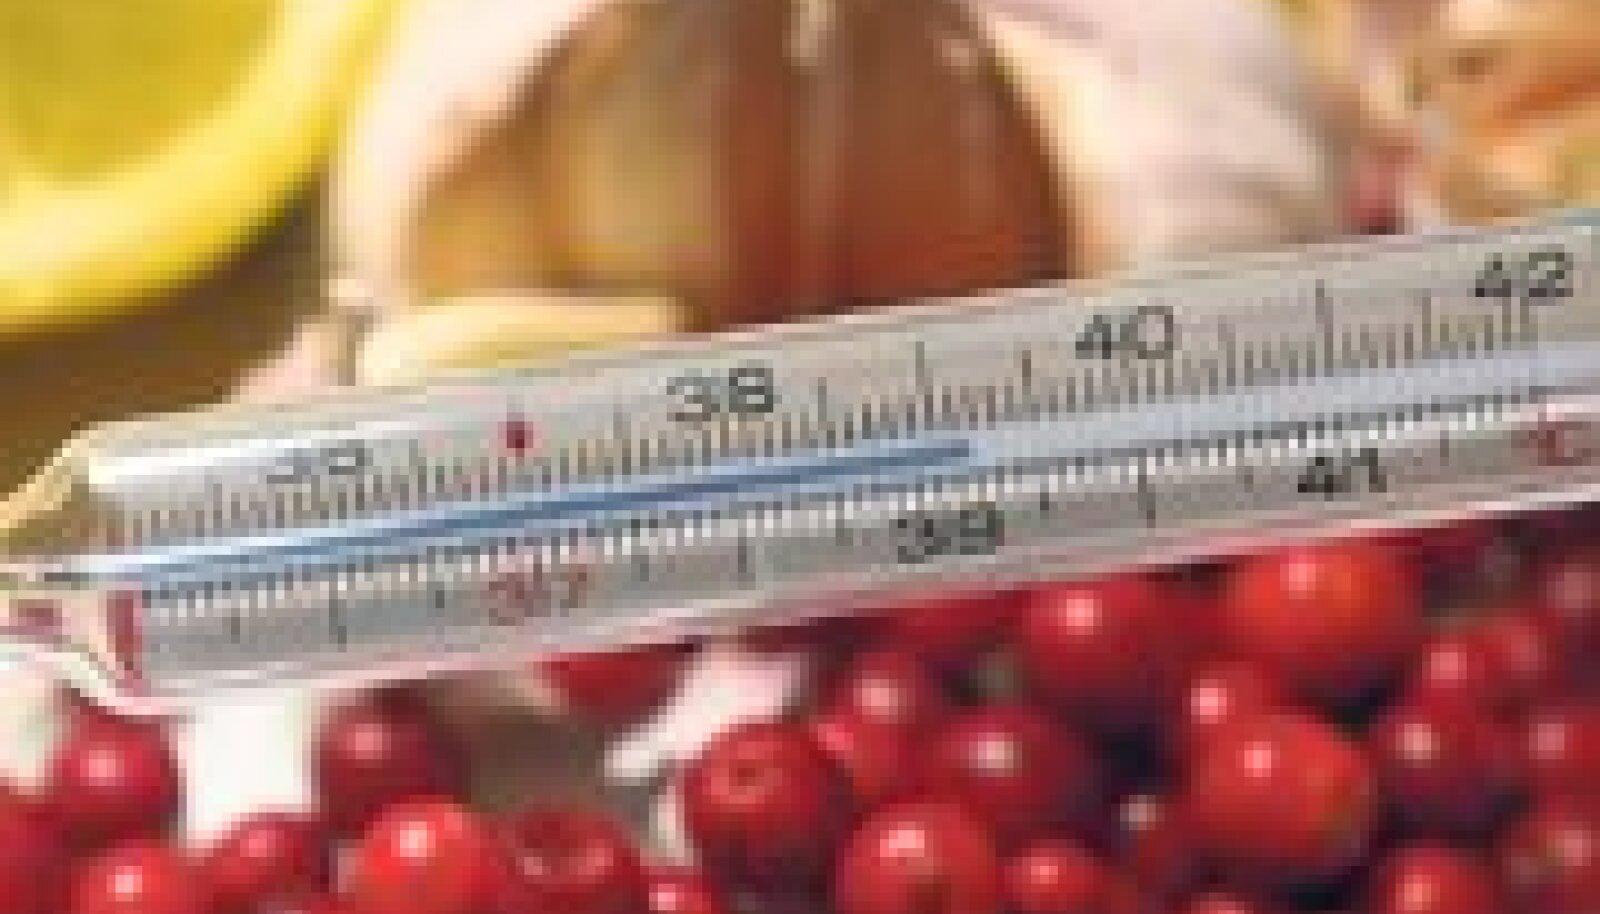 Algava viirushaiguse korral võib abi olla vanaemade kavalustest – söö küüslauku ja sibulat, joo ohtralt teed  sidruni ja meega ning maitsva joogi saab ka pisikestest punastest vitamiinipommidest jõhvikatest.